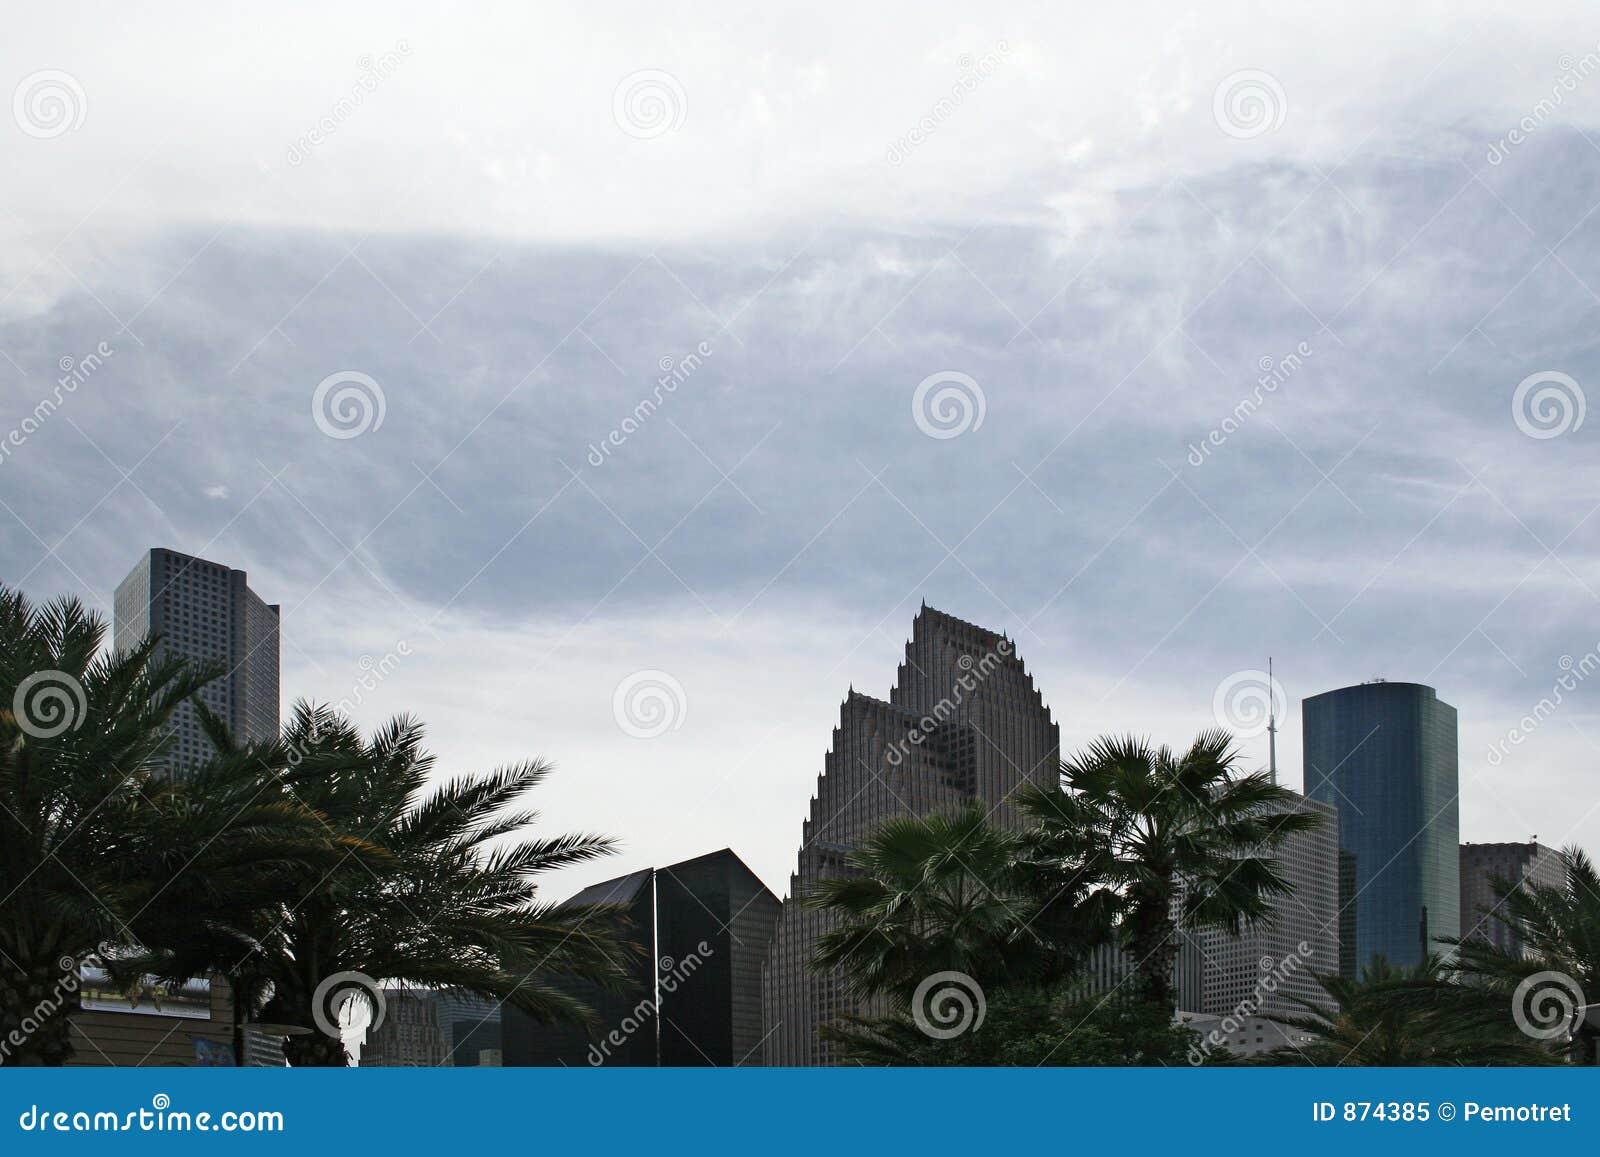 Roaring clouds